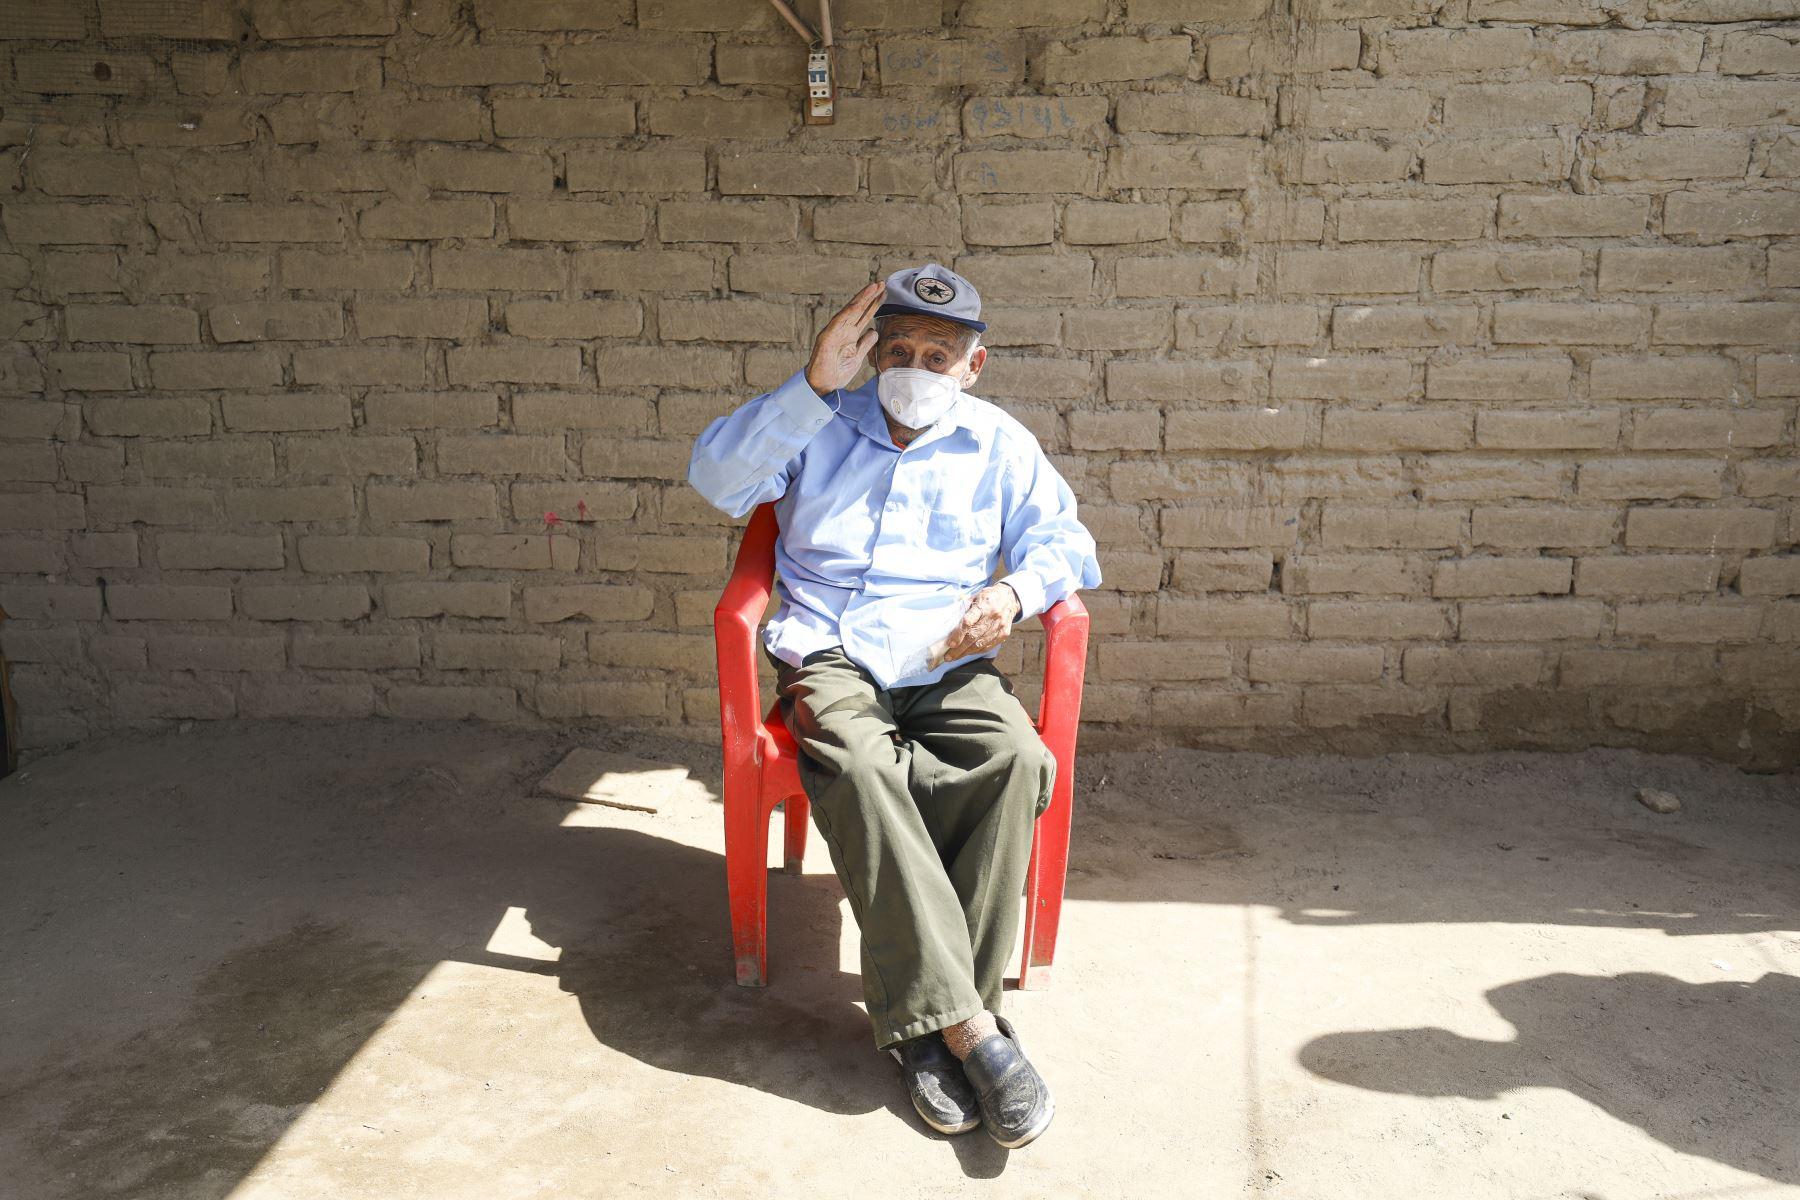 Francisco Uchuya Mendoza tiene 89 años y una lucidez tremenda. Recibió el Bono 600 y su Pensión 65 en su casa de adobe, en el distrito de La Tinguiña, en Ica. Foto: MIDIS